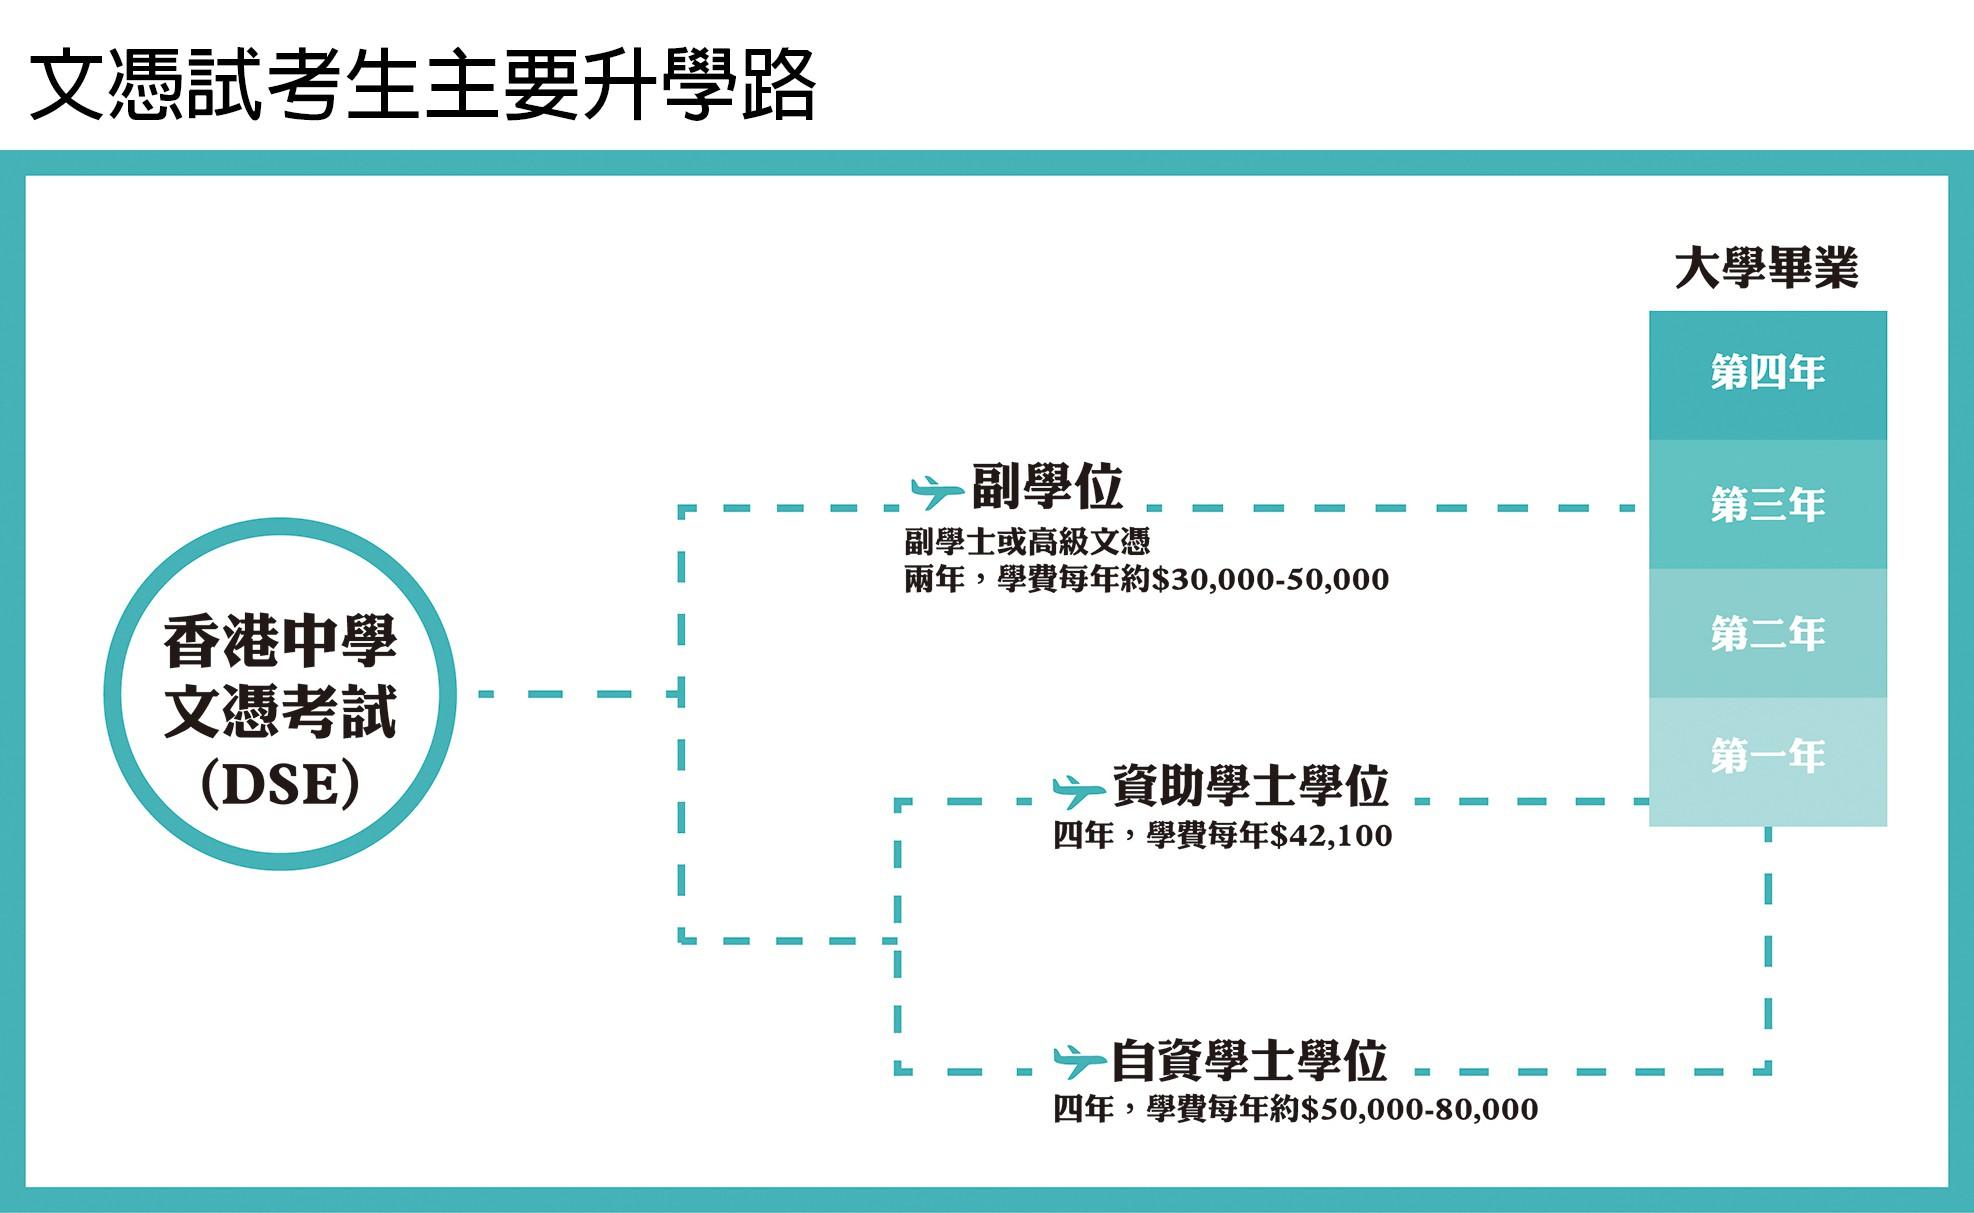 註:實際學費及修讀年期視乎學科而定 資料來源:教育局、教資會、大學聯合招生辦法(JUPAS)